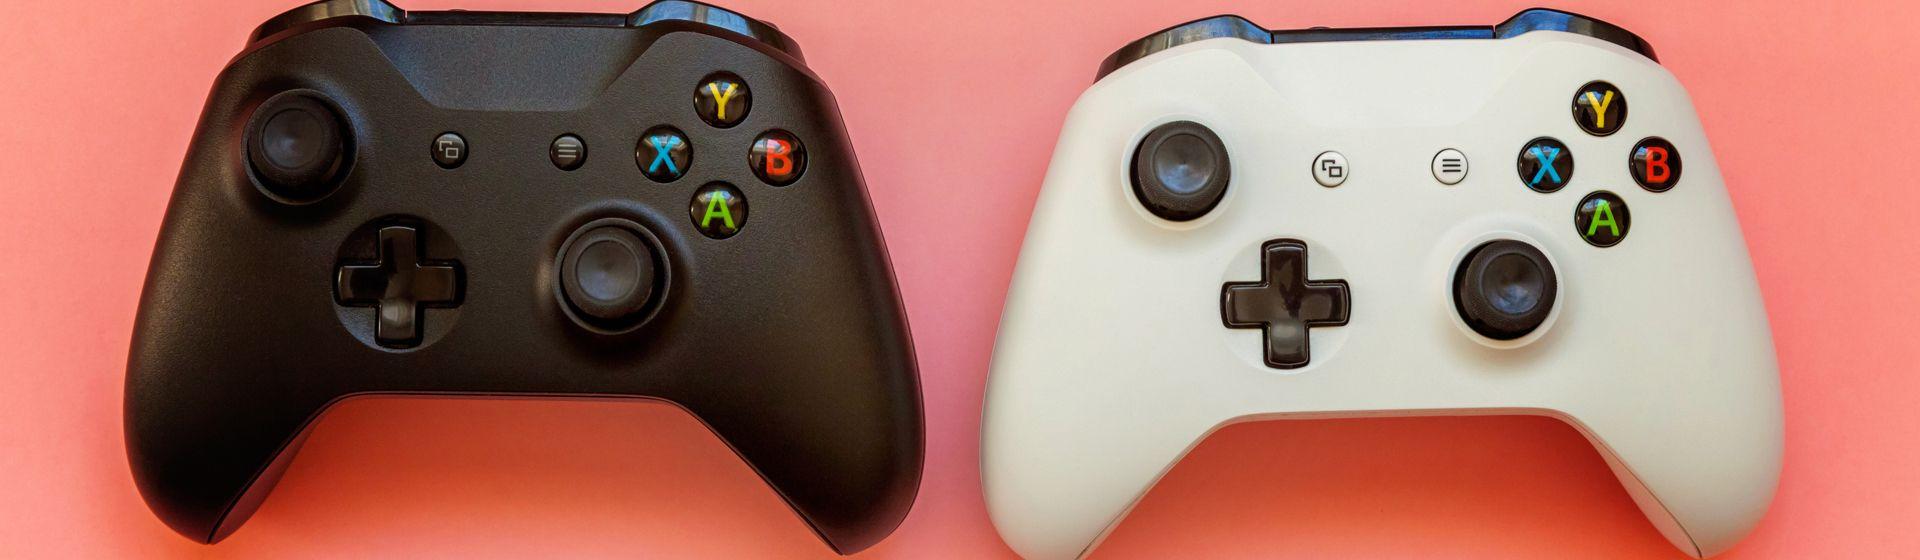 Xbox One barato existe no Brasil? Veja modelos e preço